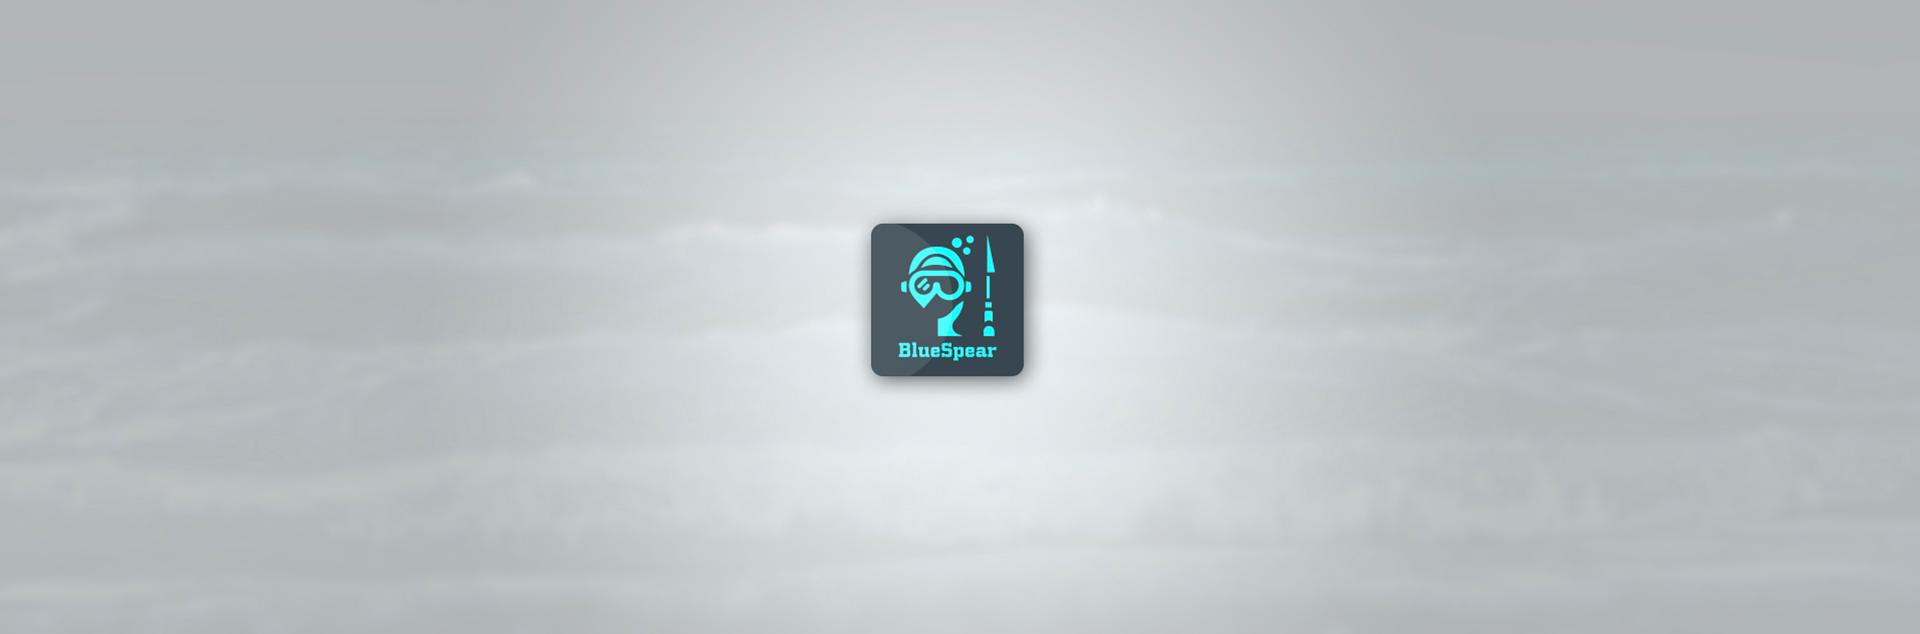 BlueSpear mobile app - logo